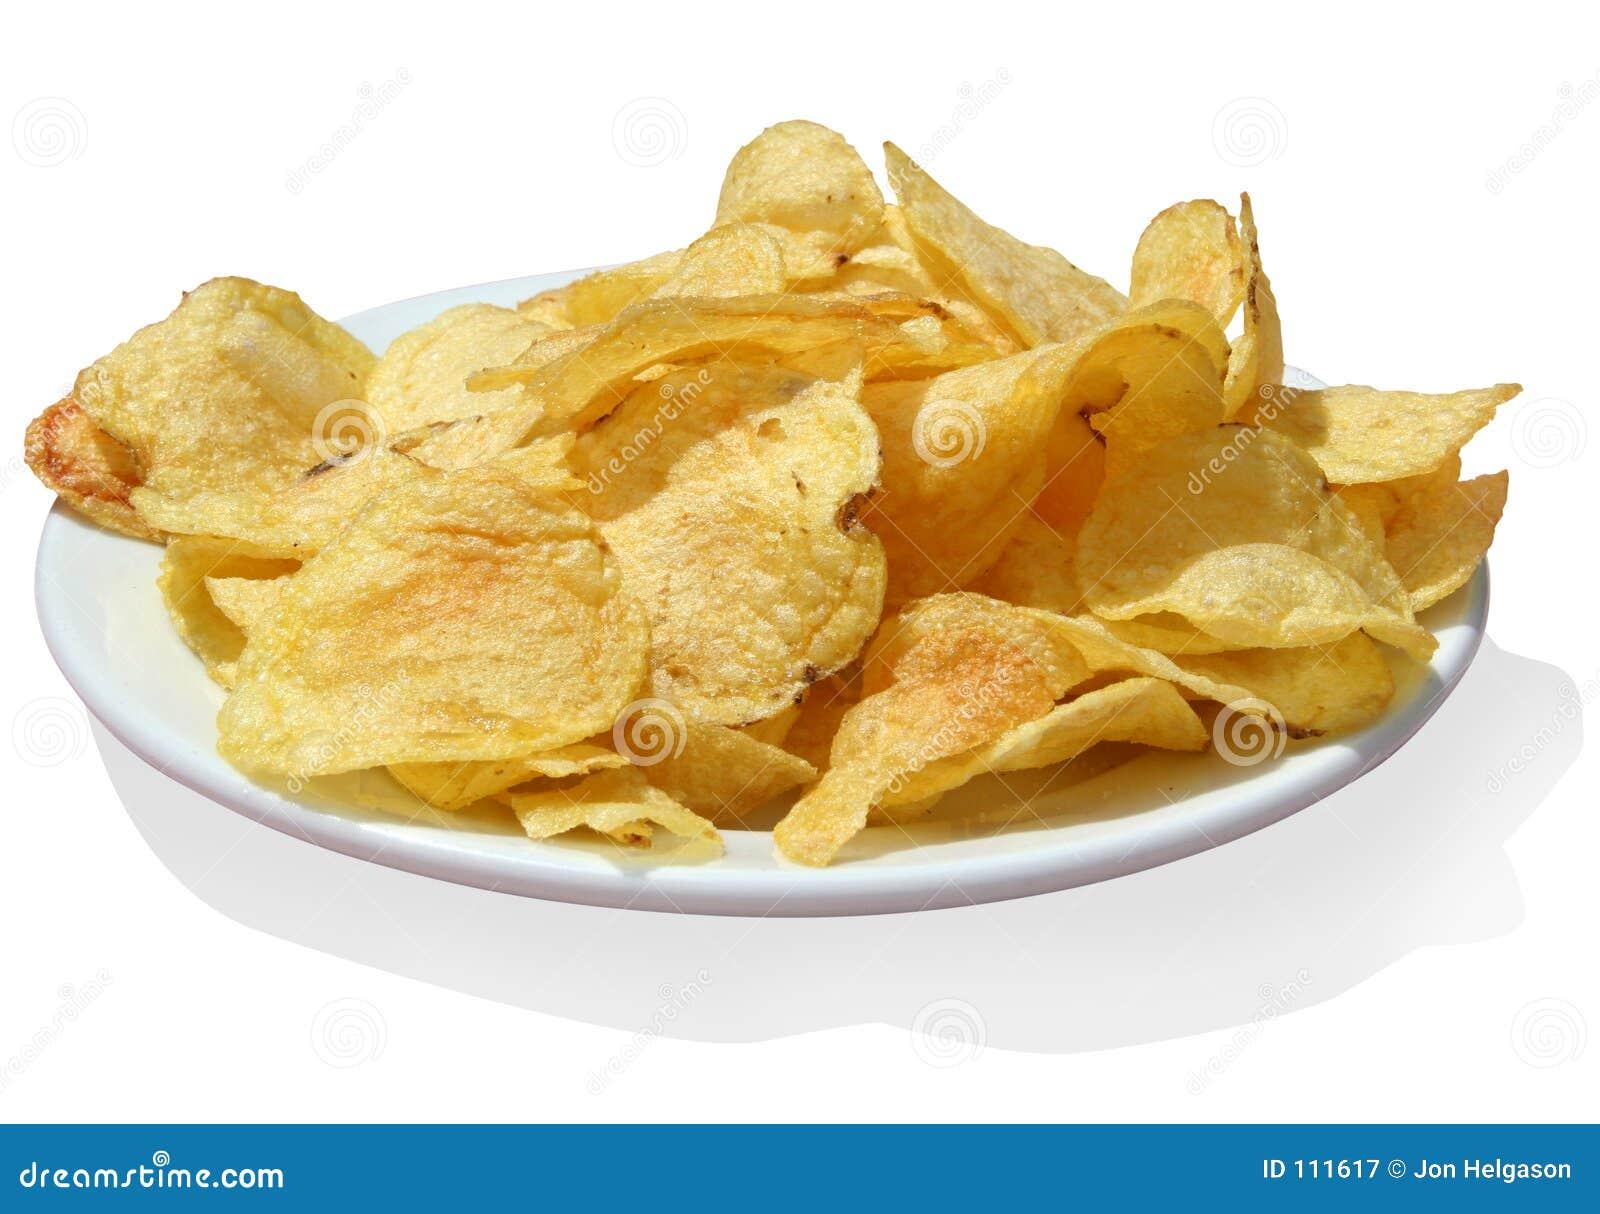 Patatas fritas w/path